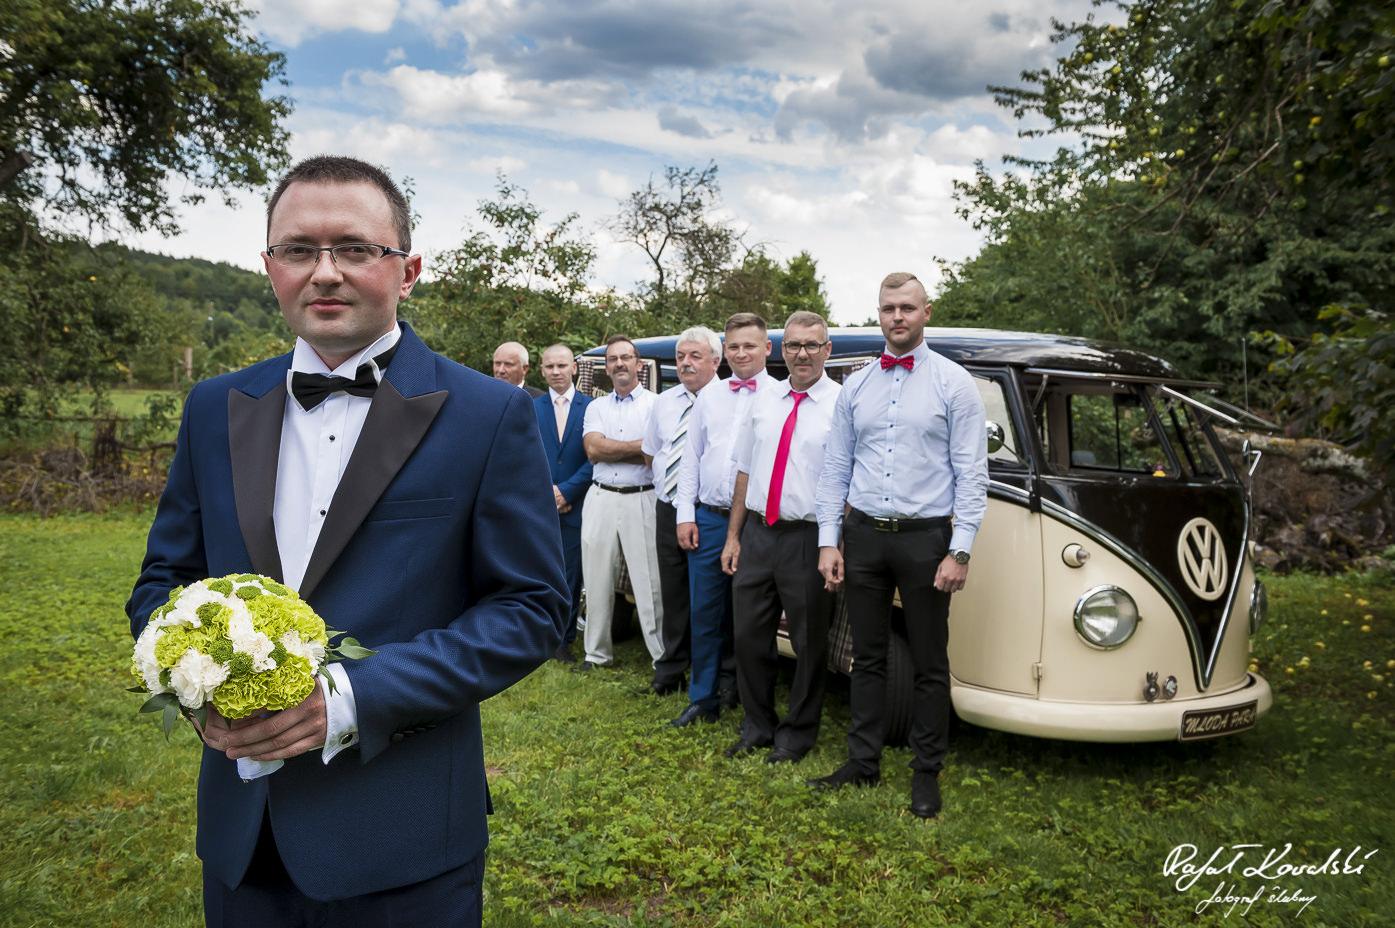 VW Ogórek fotograf Ślubny Rafał Kowalski